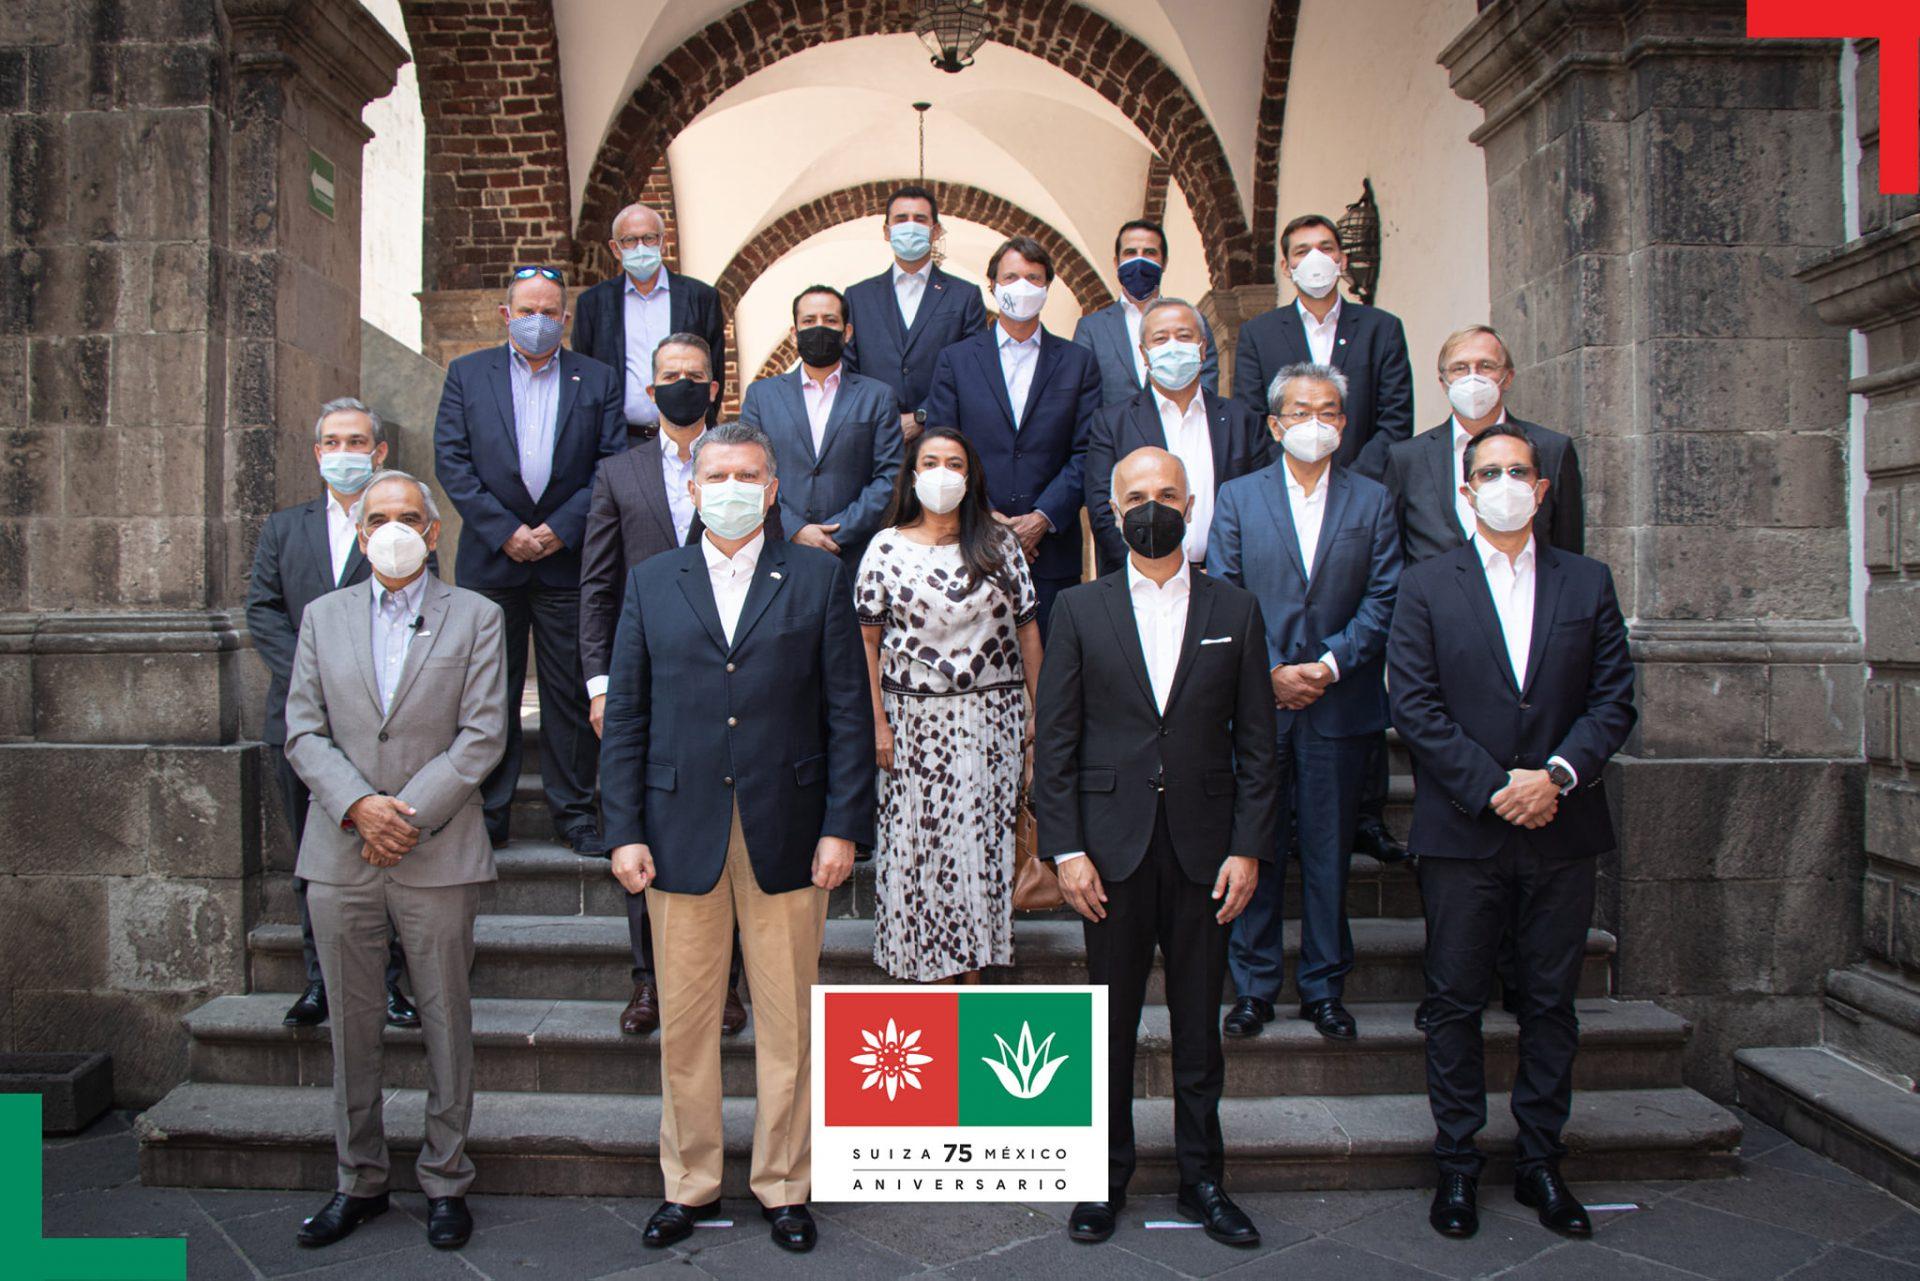 Inicio del 75º aniversario Suiza-México y exposición de carteles